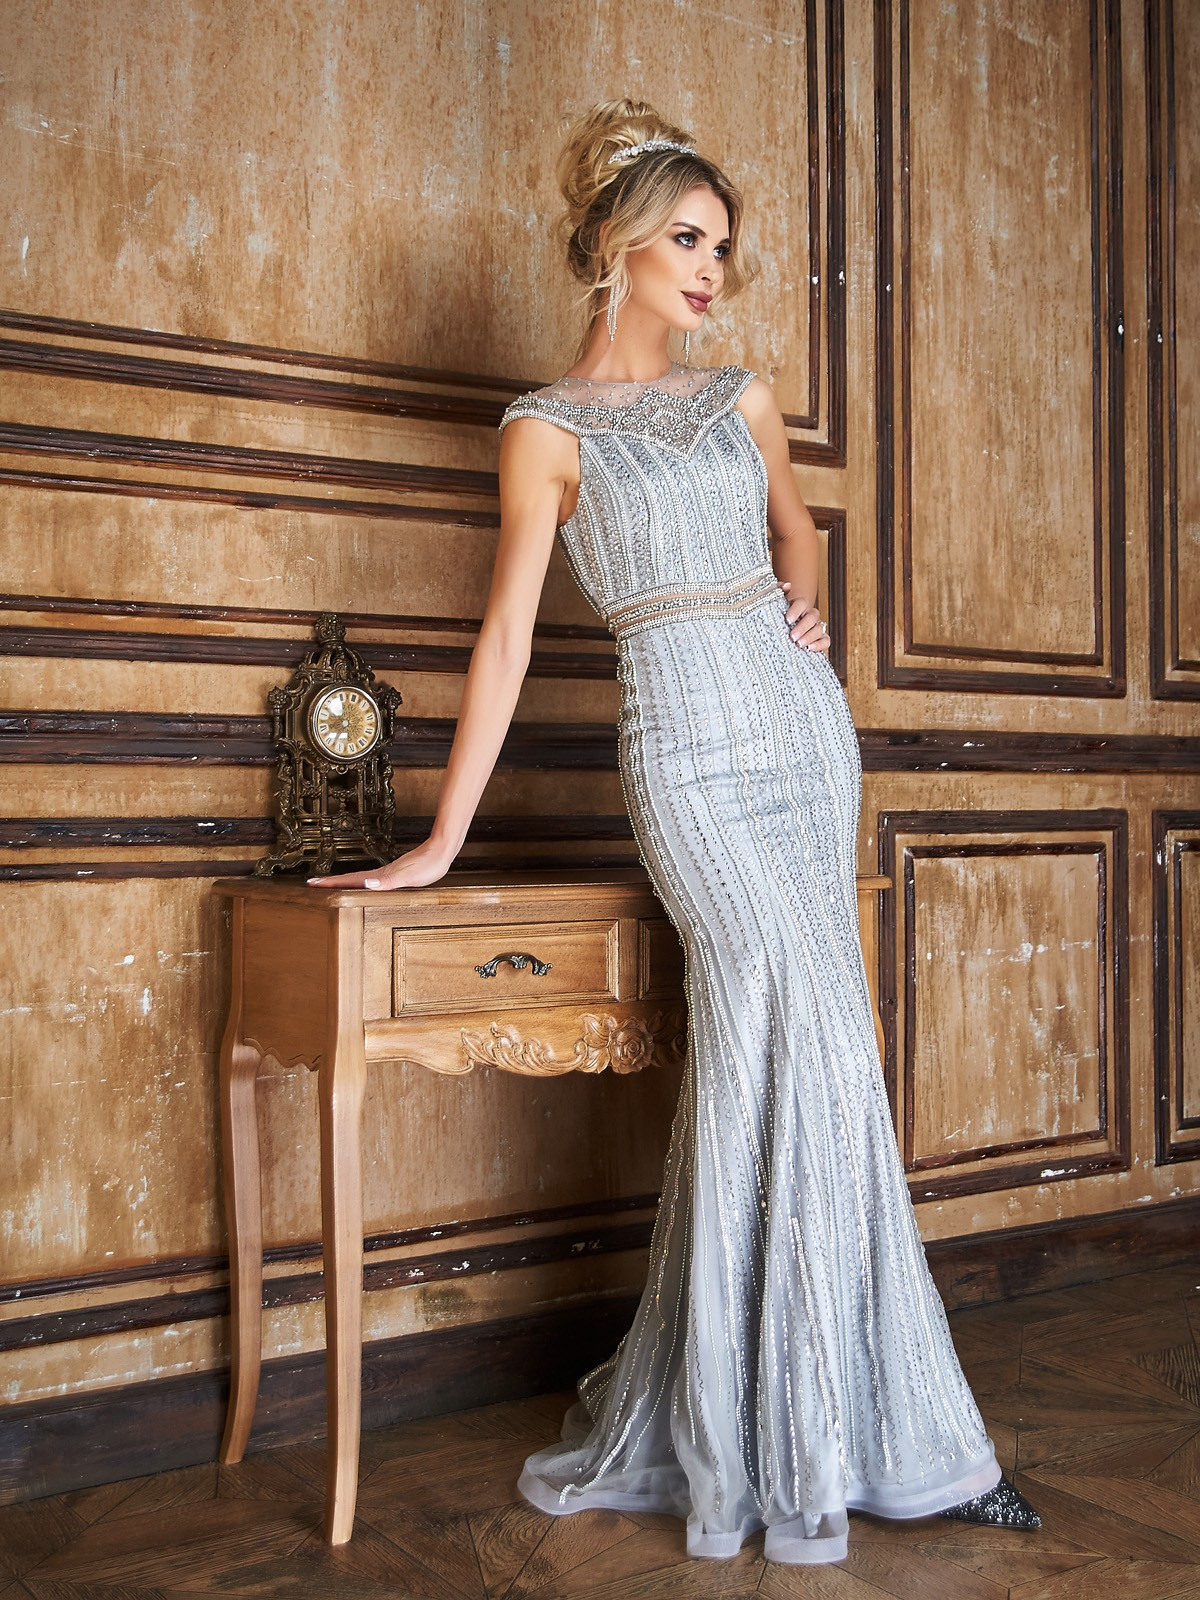 10 Leicht Abendkleid Ausleihen Boutique20 Luxurius Abendkleid Ausleihen Stylish